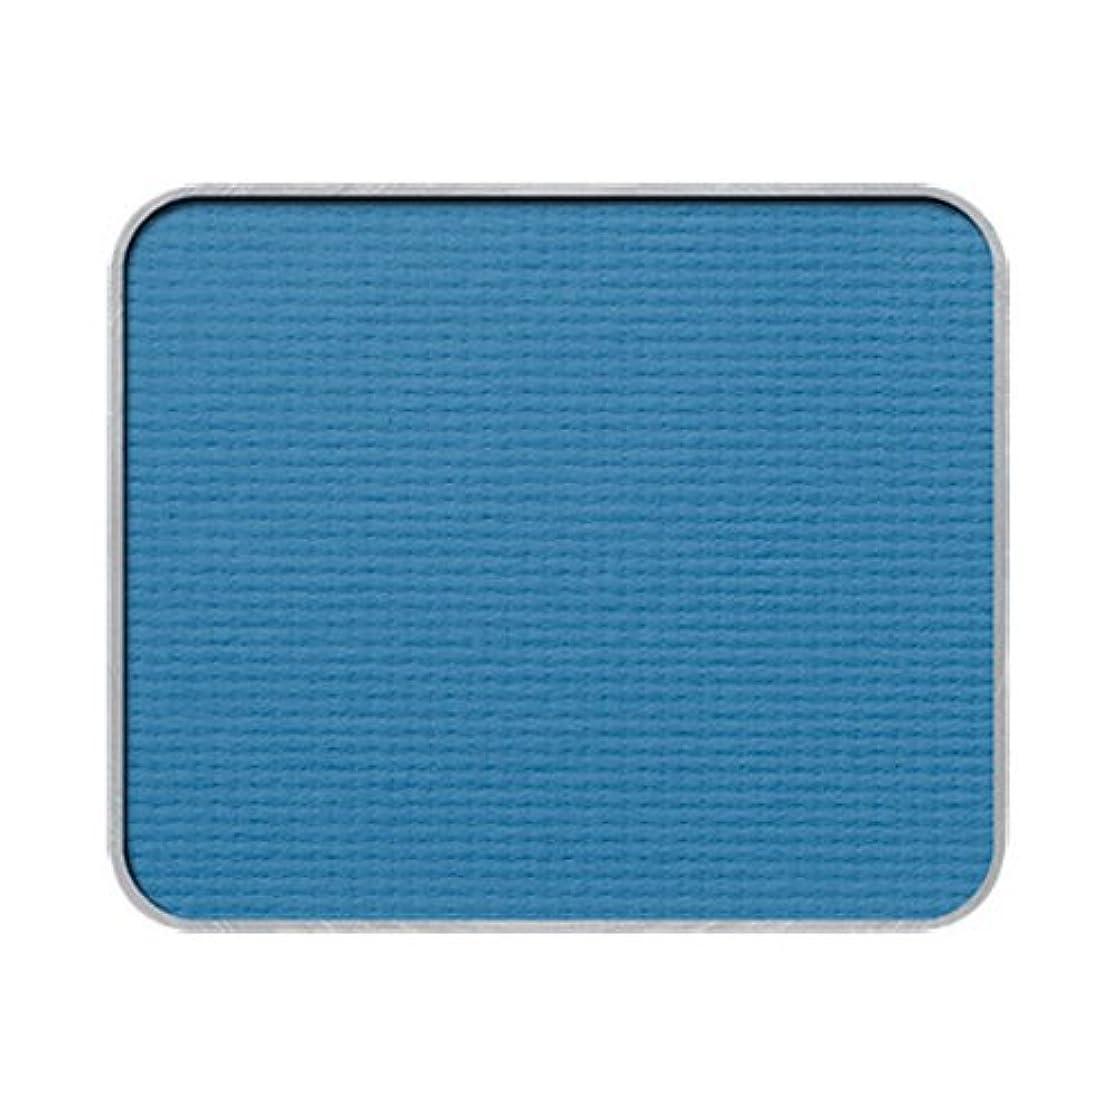 海不利益単独でプレスド アイシャドー (レフィル) M ブルー 660